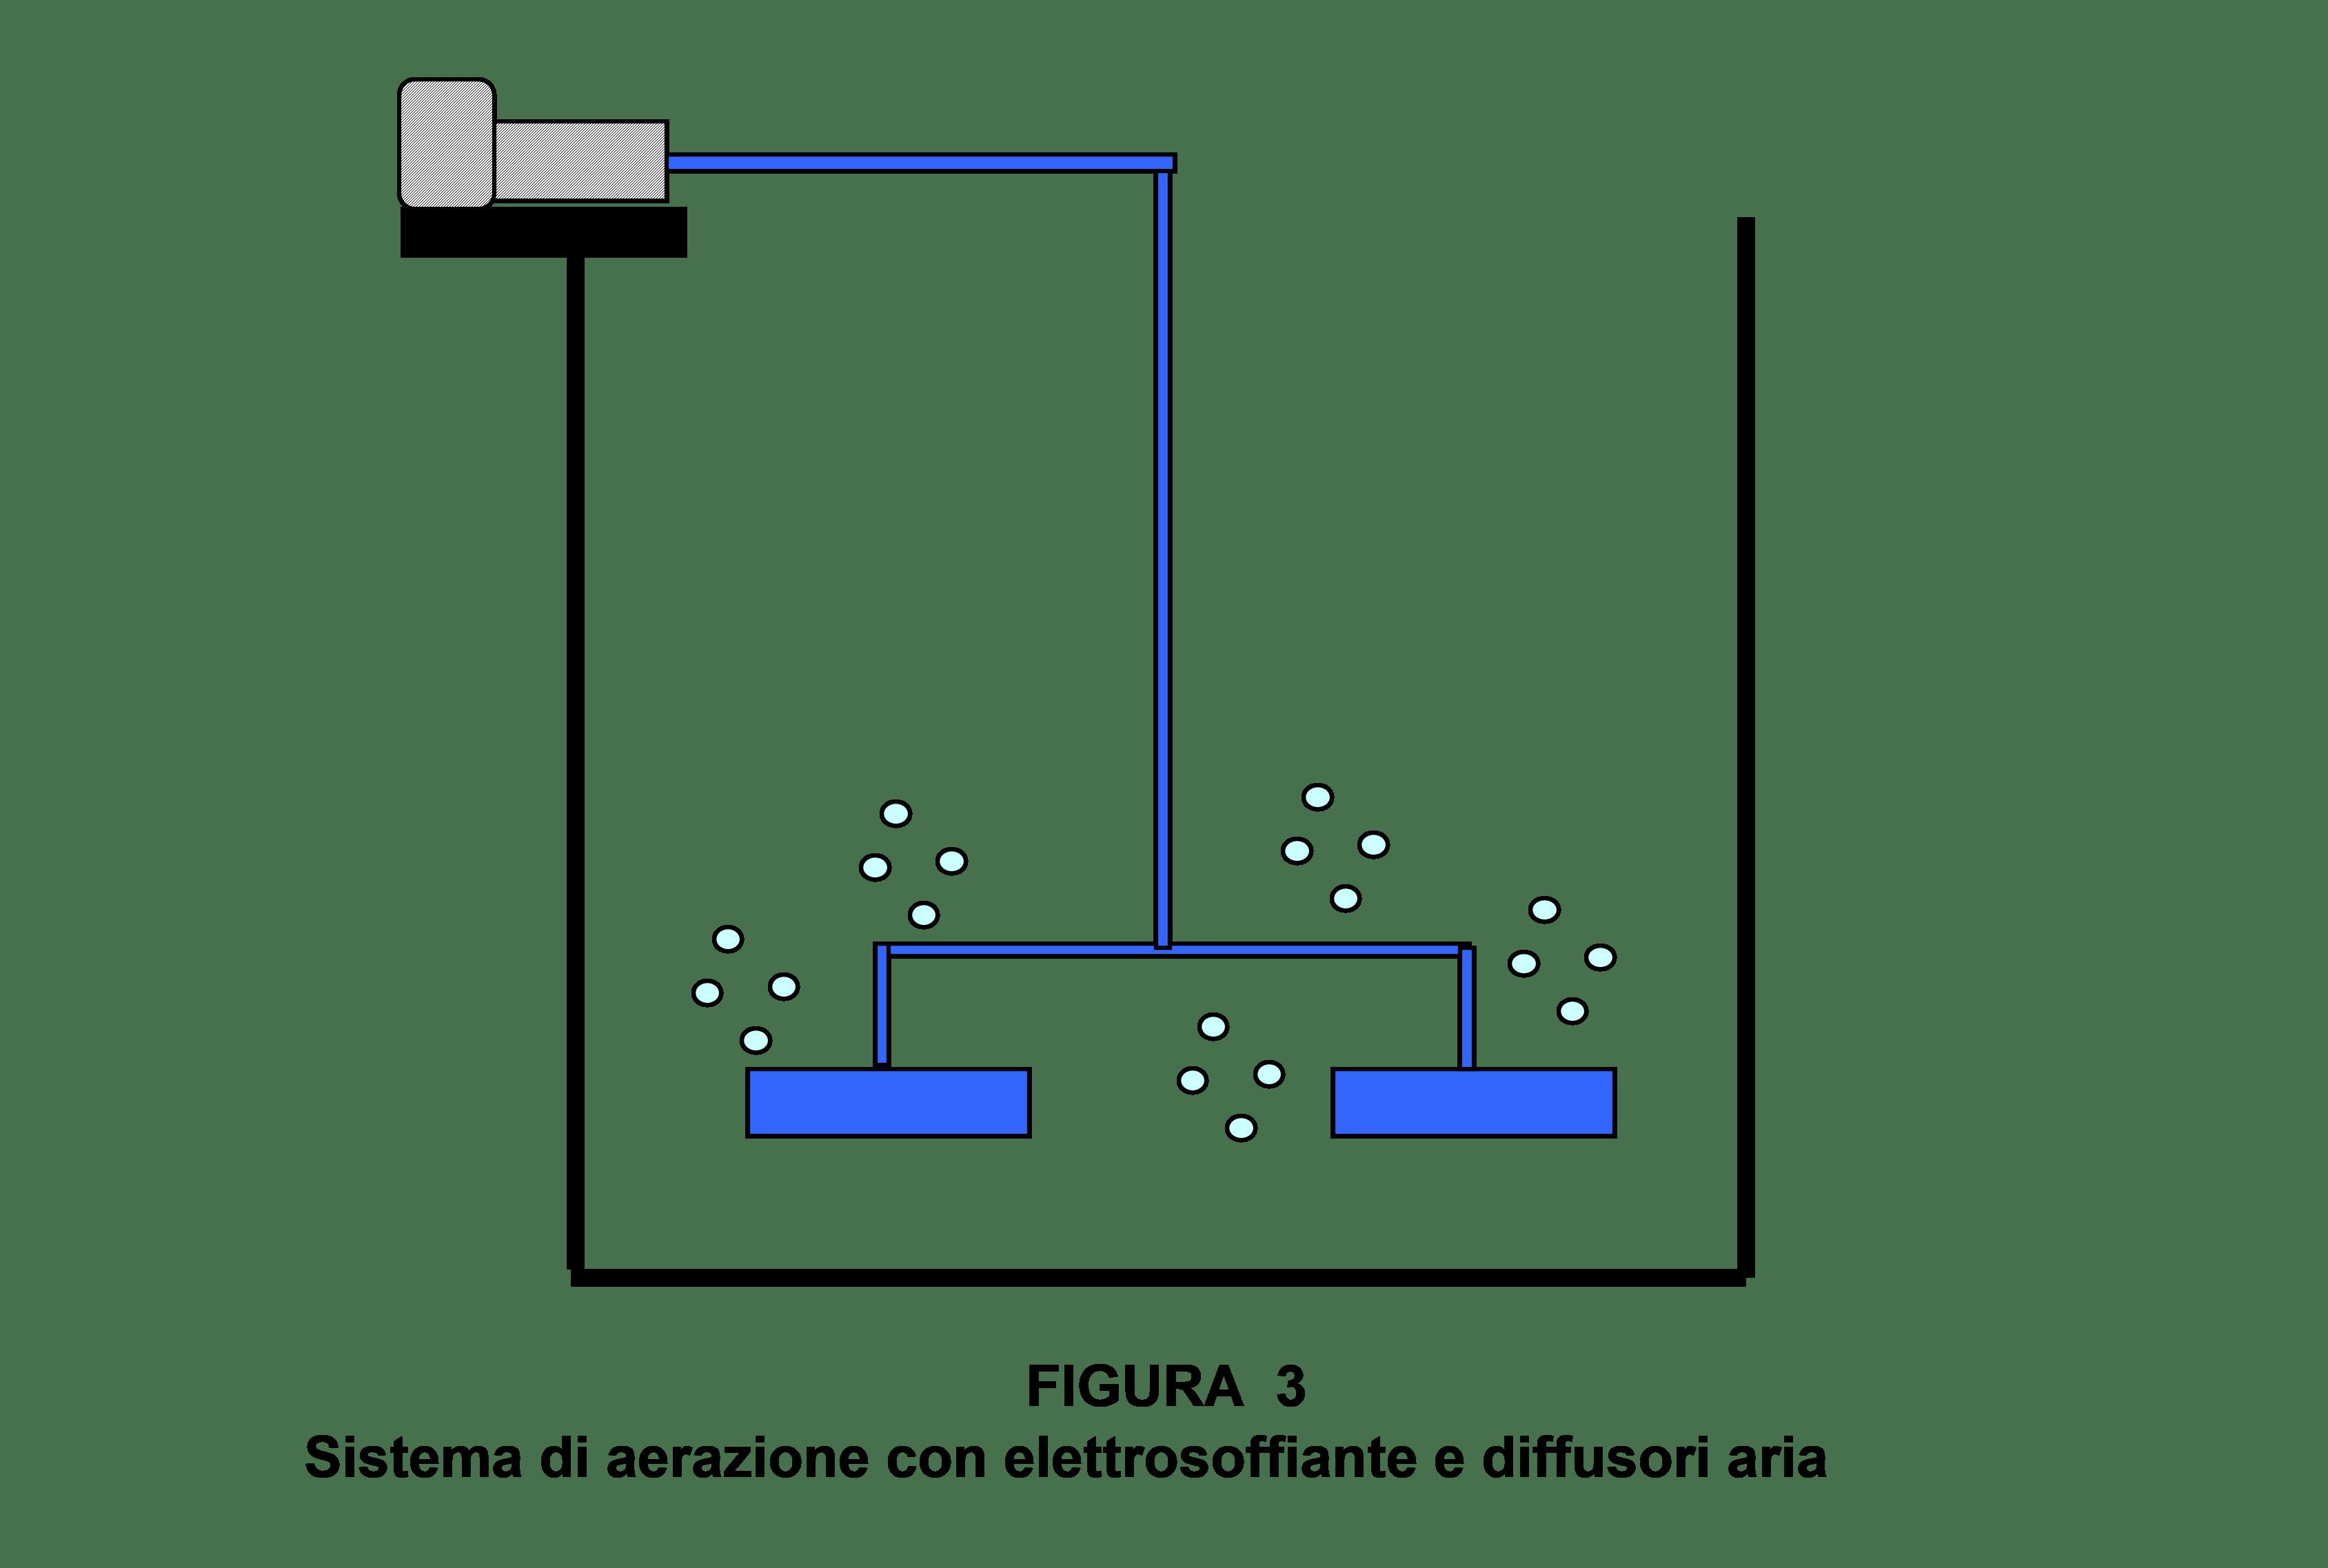 Sistema di aerazione con elettrosoffiante e diffusori aria